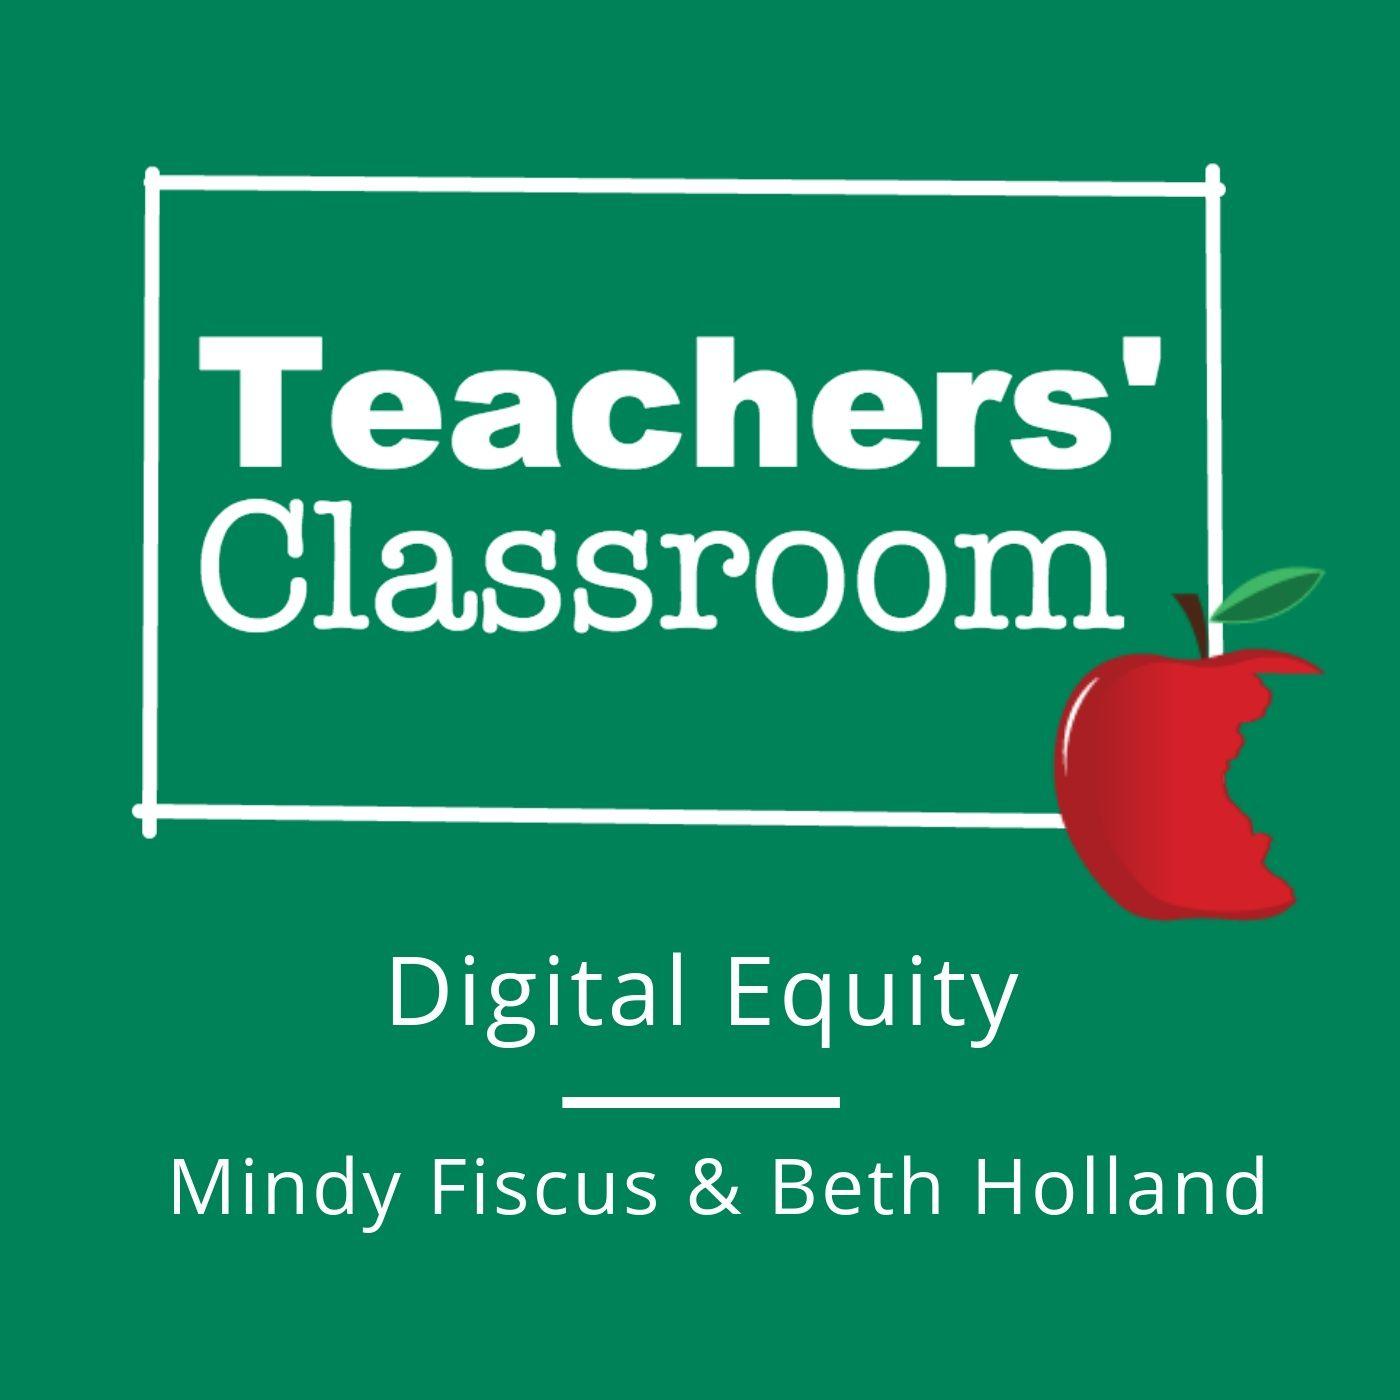 Digital Equity in Schools